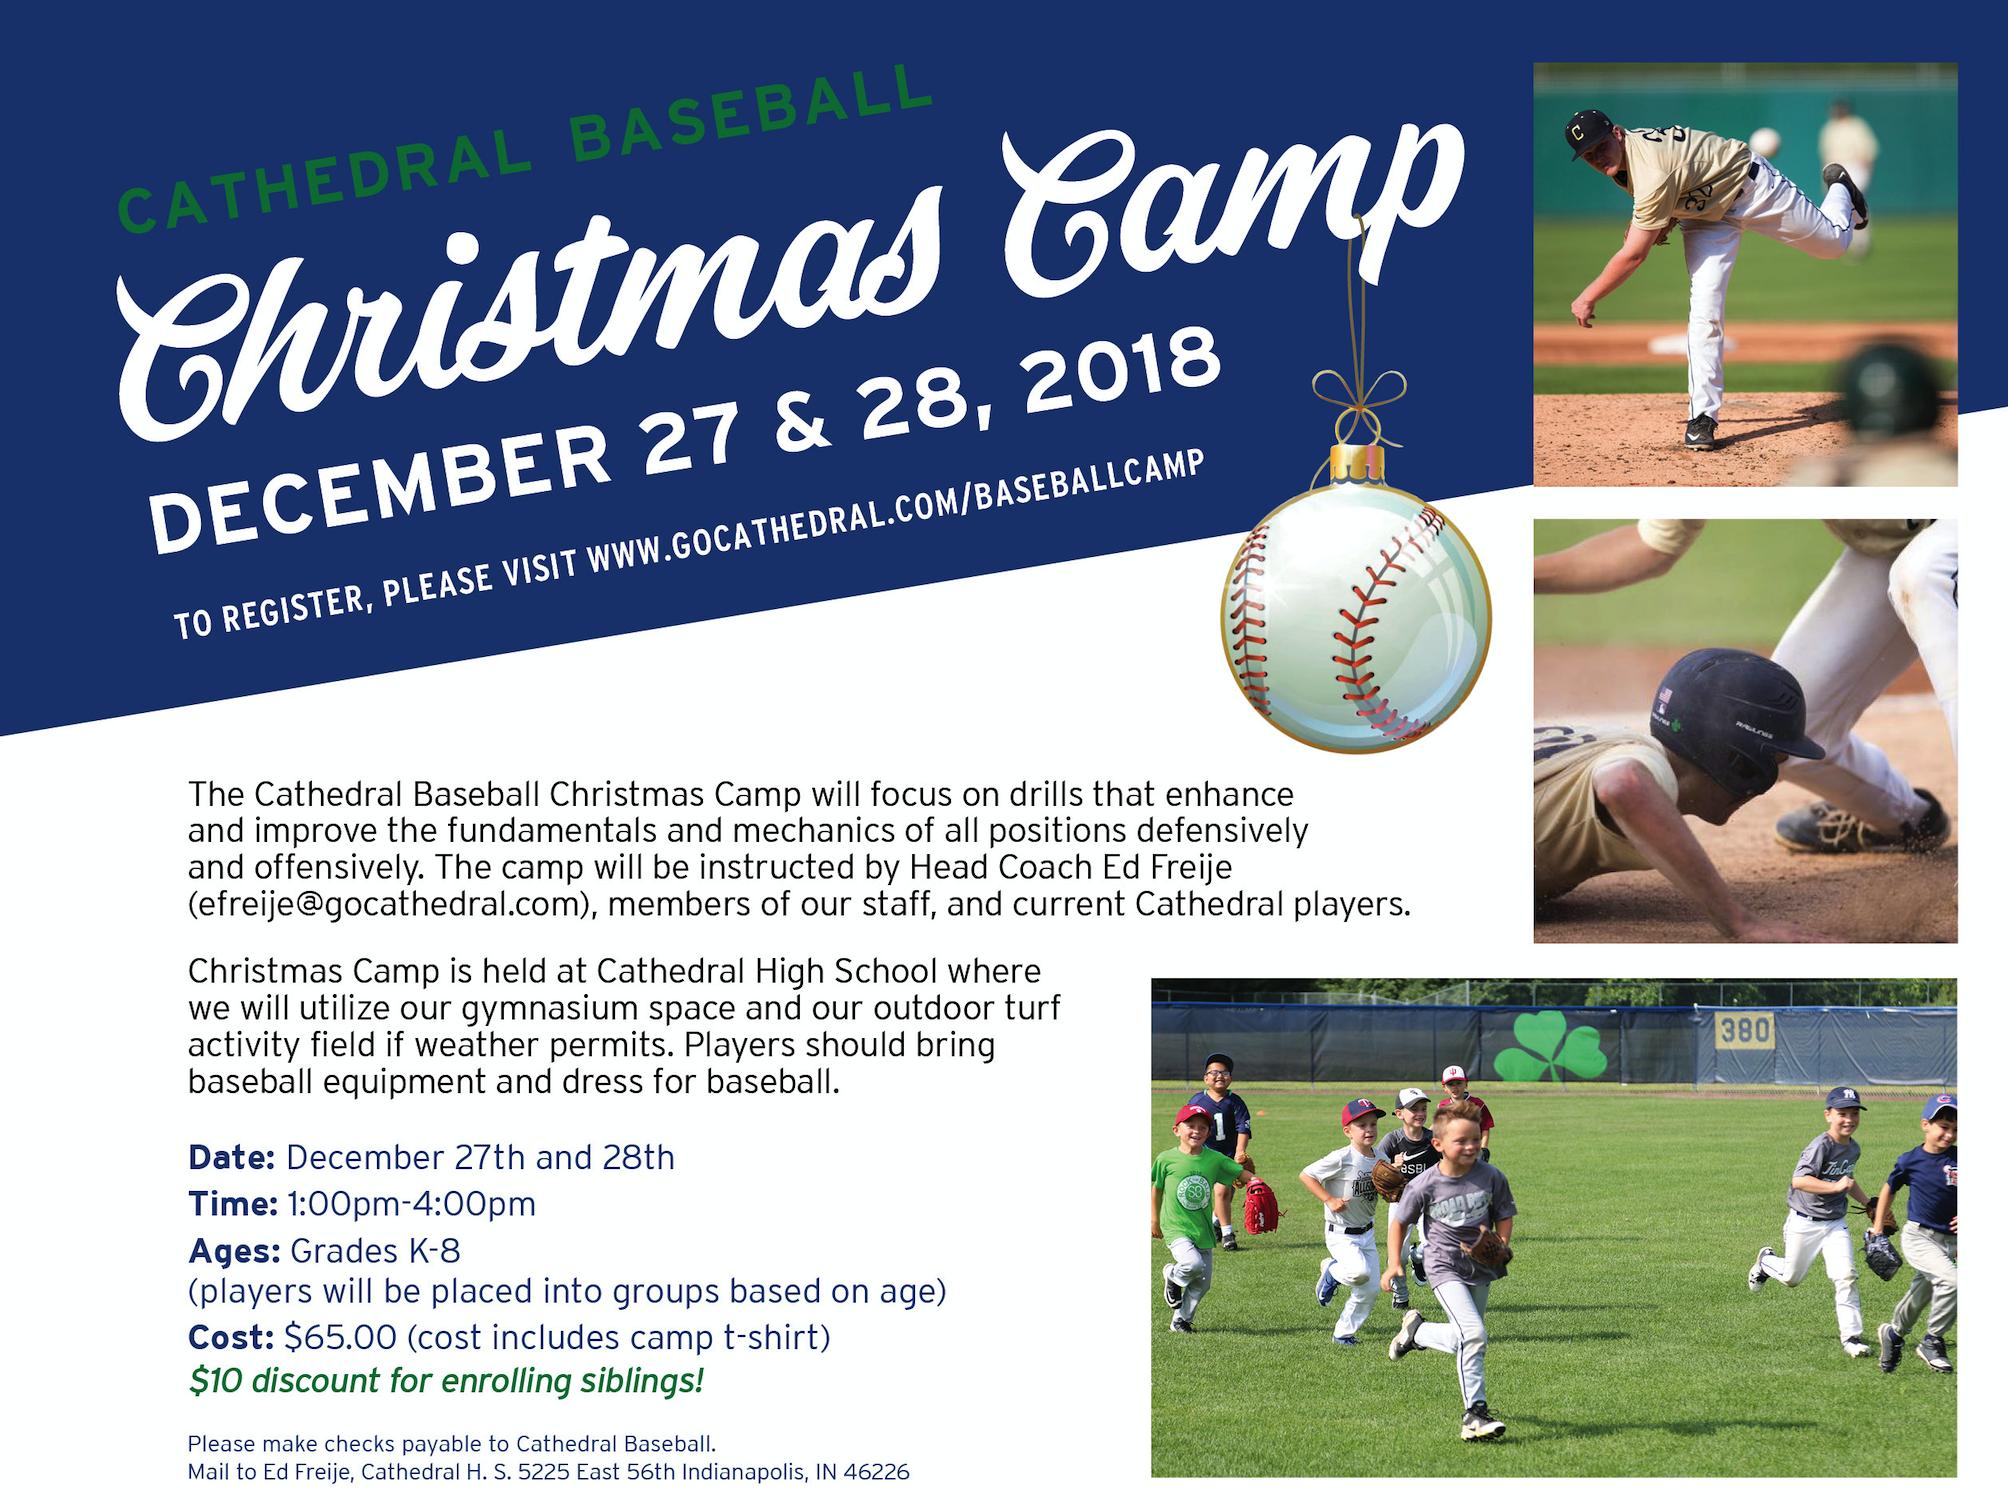 Cathedral Irish: Baseball Christmas Camp 2018